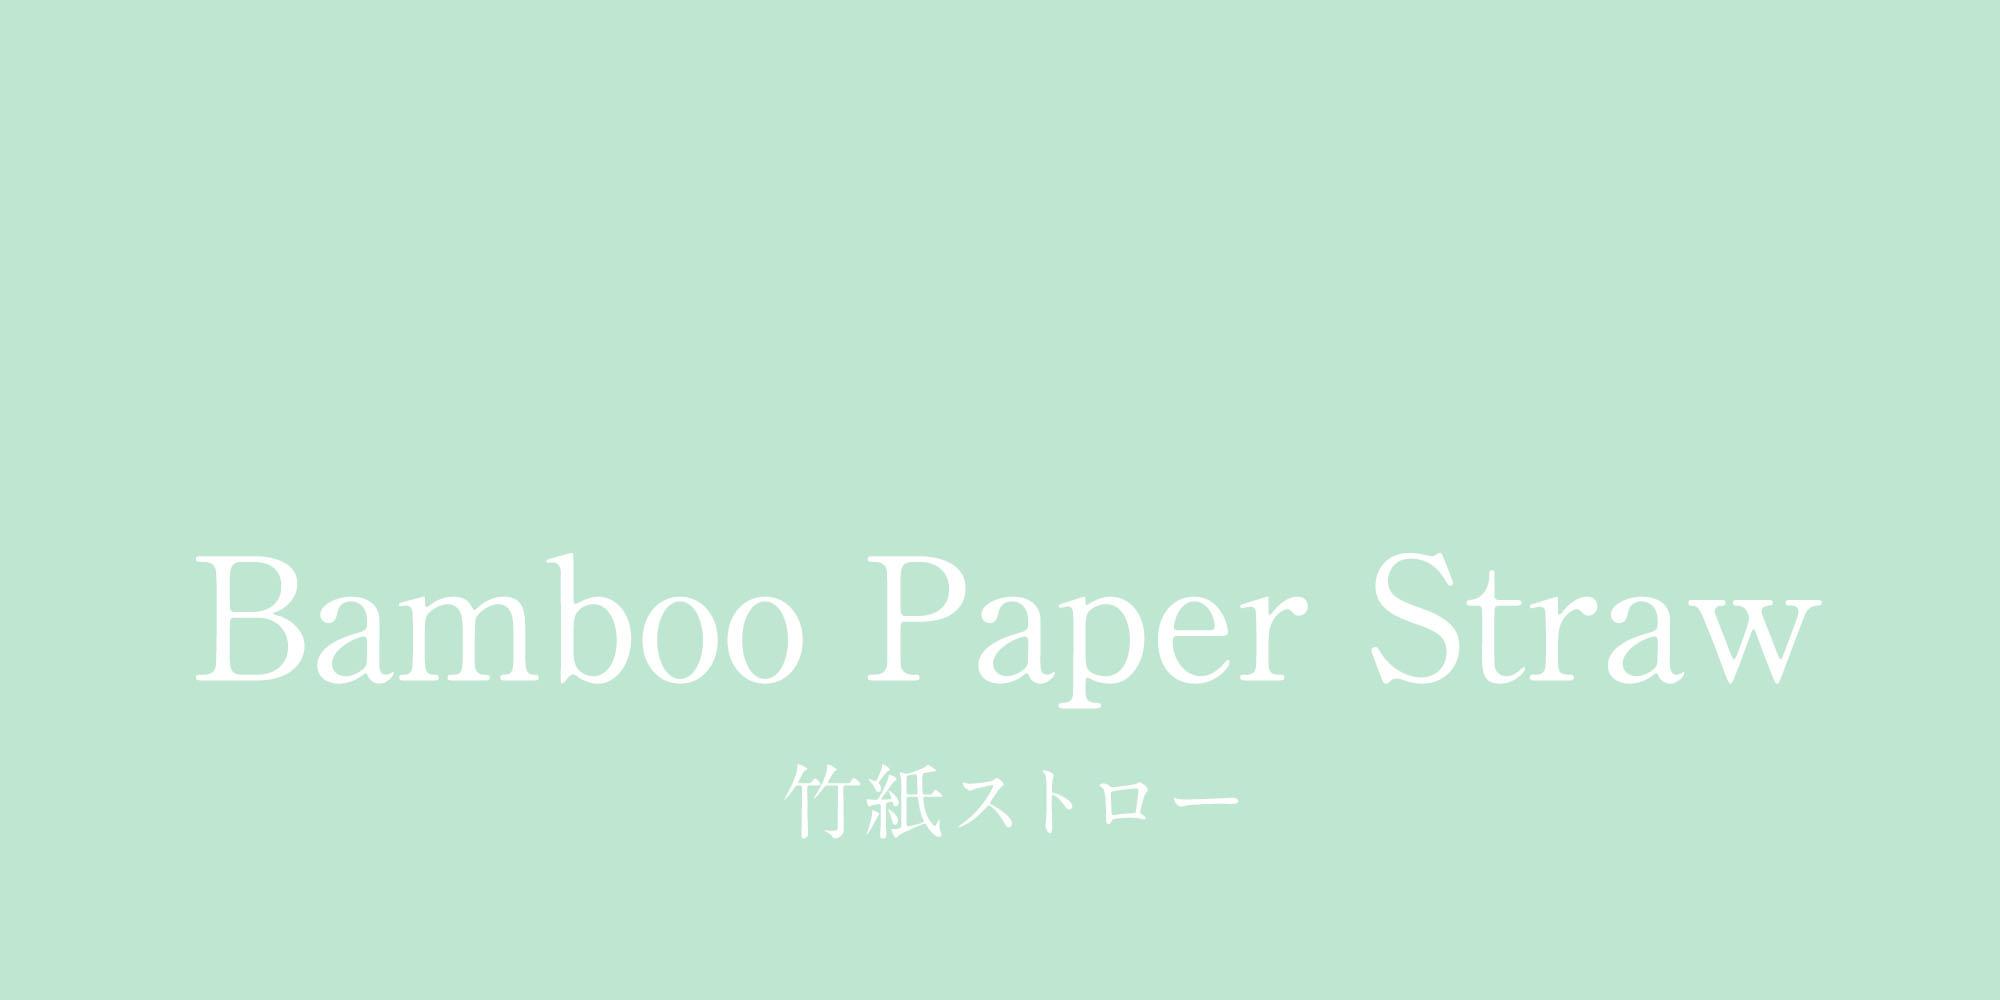 竹紙ストロー